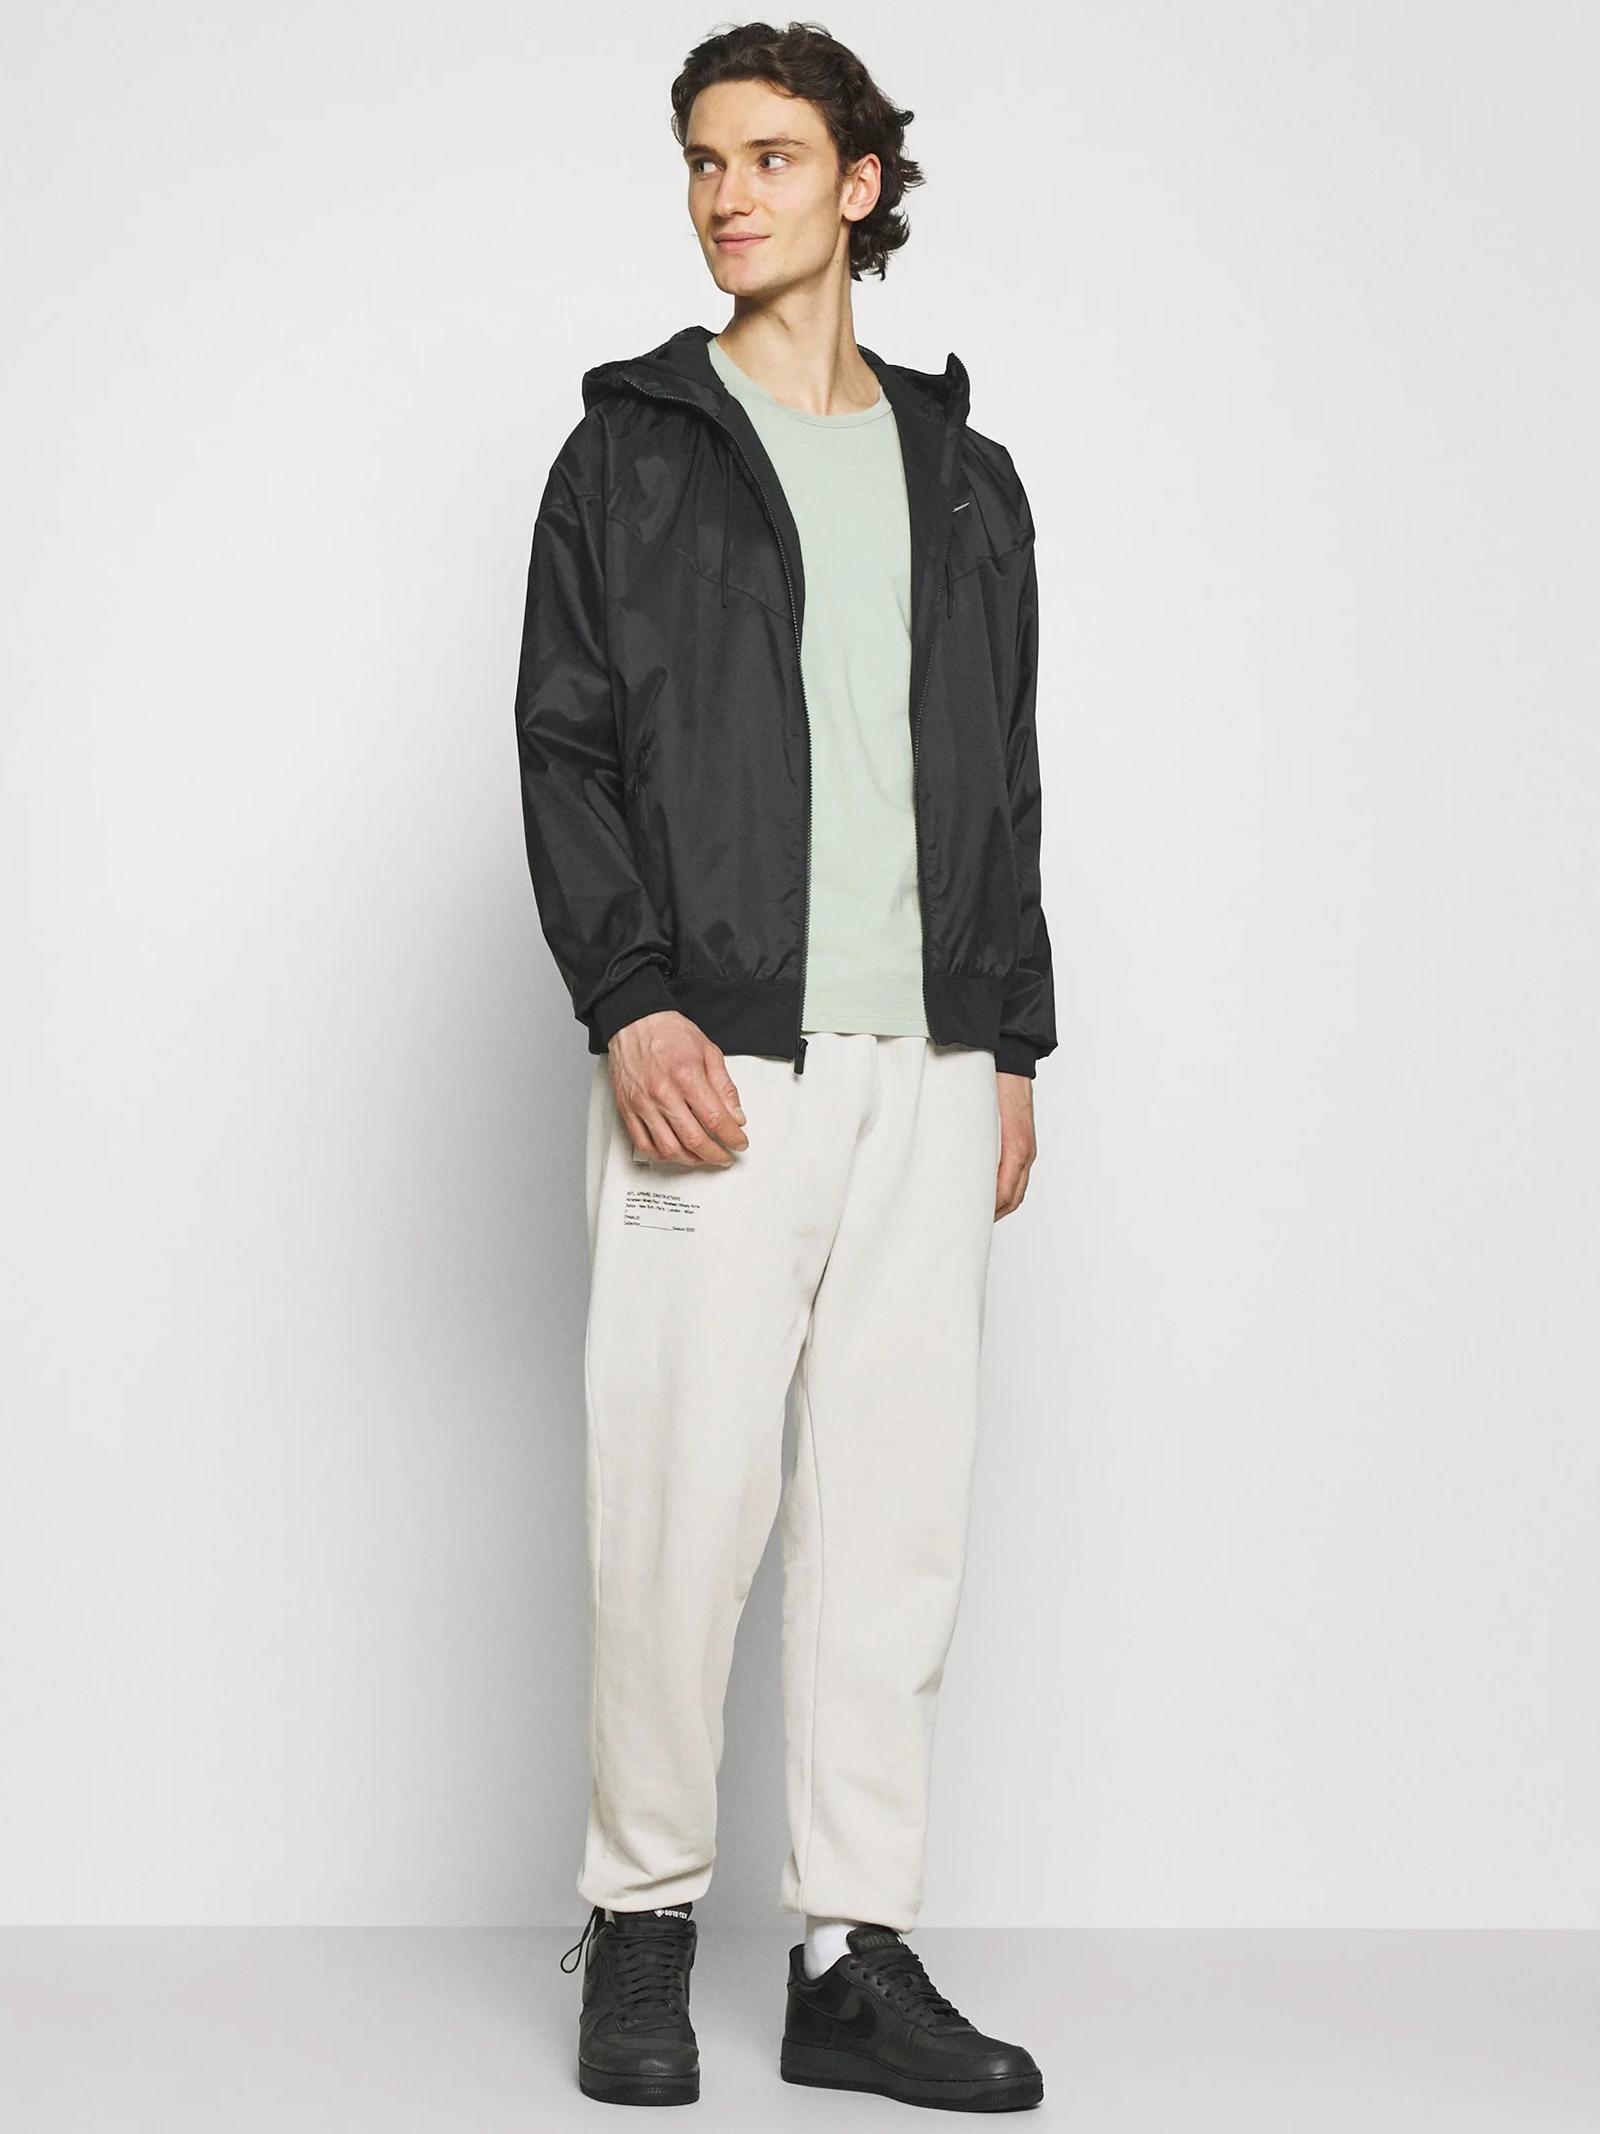 Jacket NIKE | Jacket | DA0001NERO